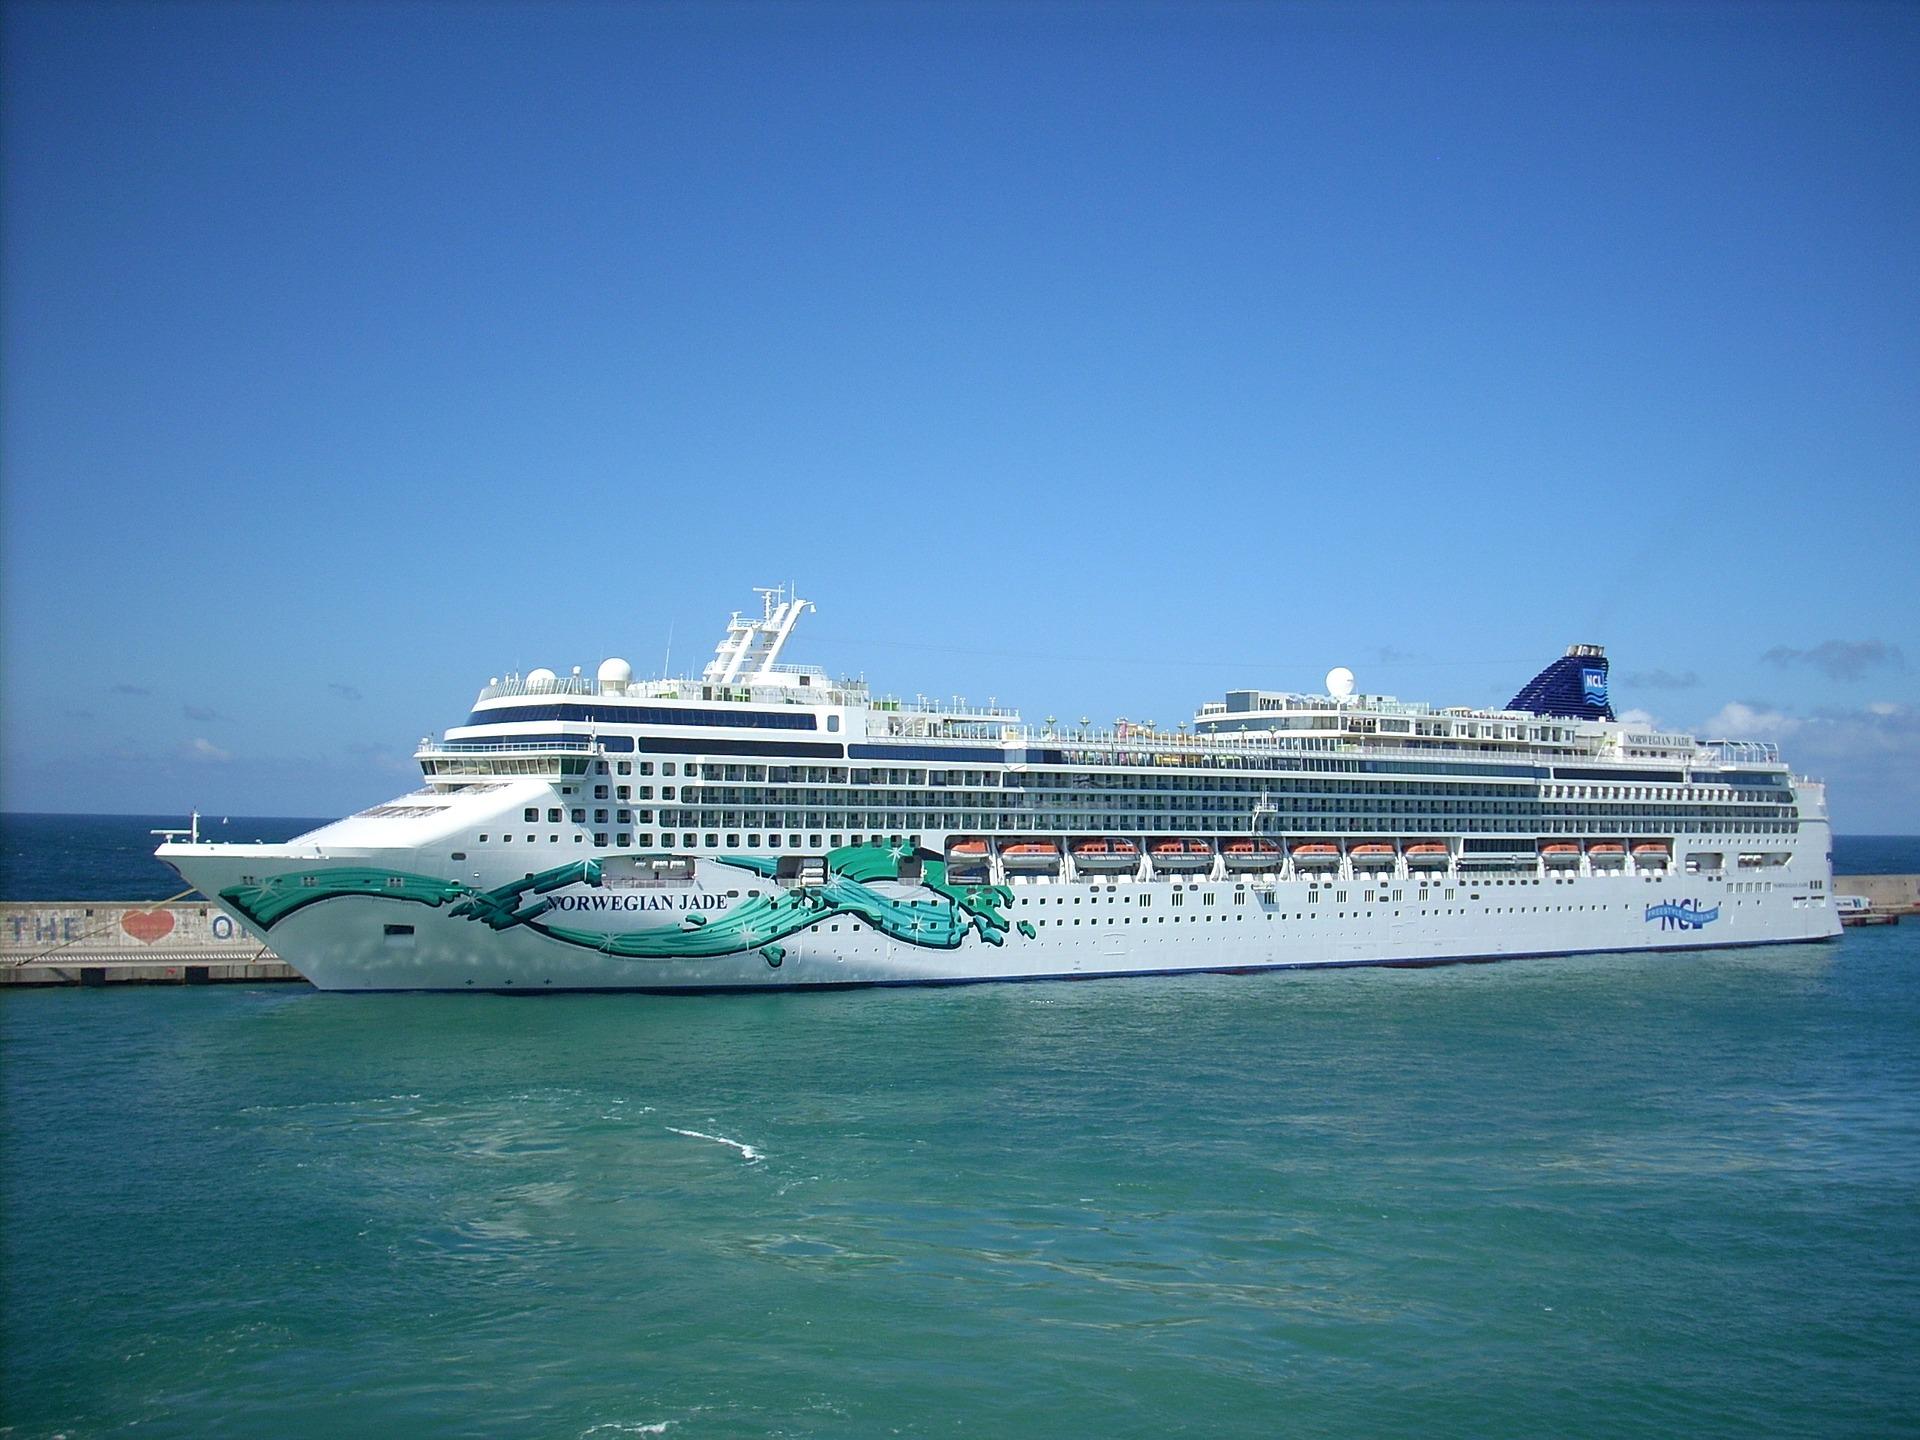 2020 Civitavecchia (Rome, Italy) cruise ship schedule